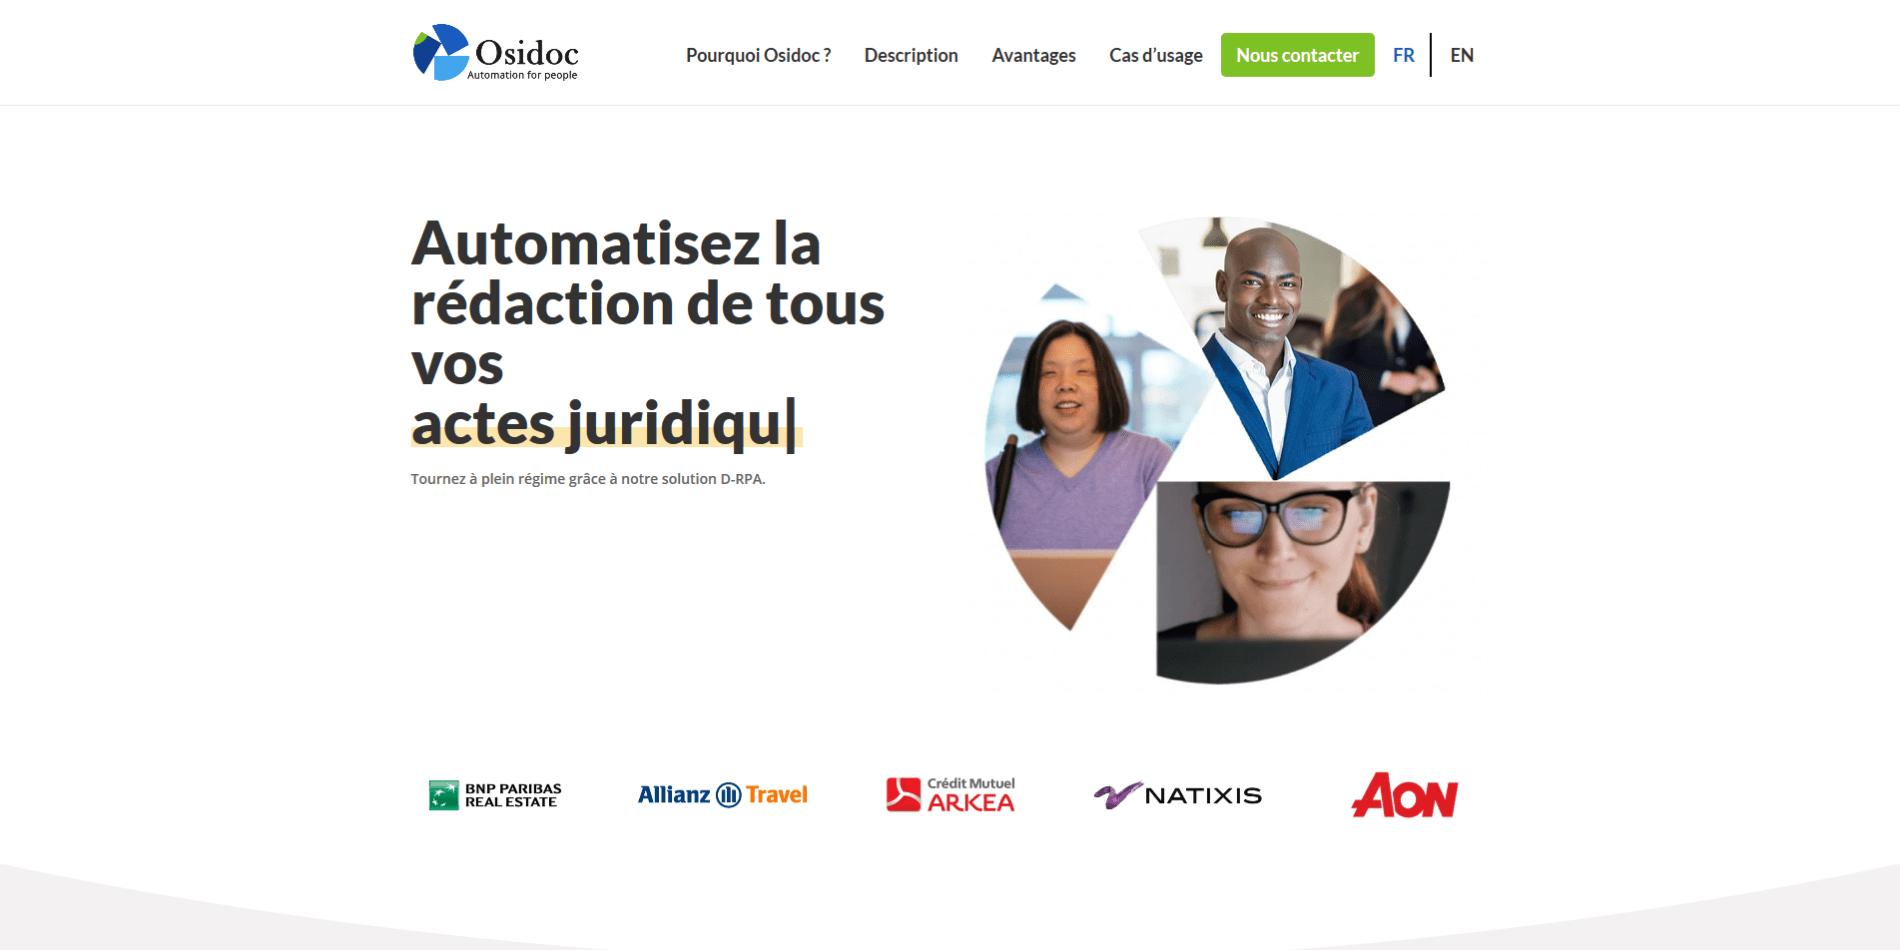 Création du site web d'Osidoc - Après